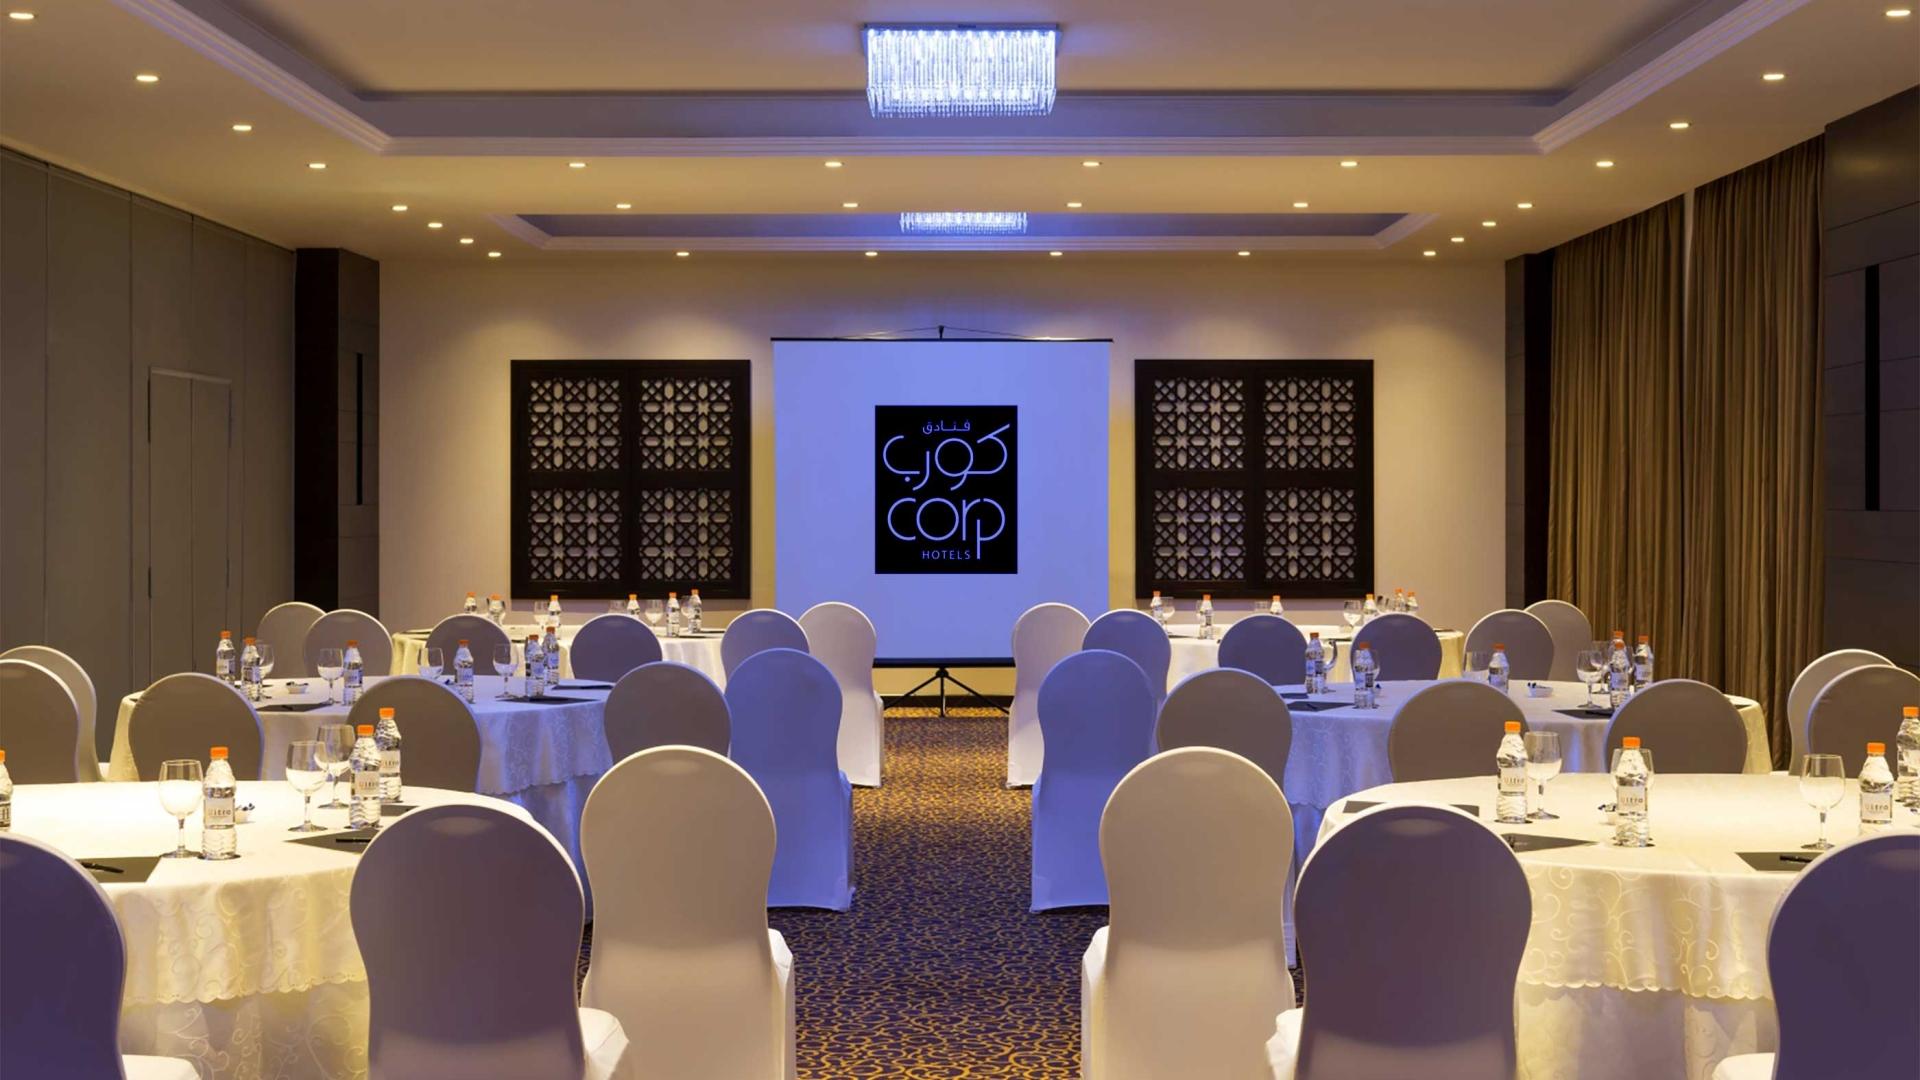 المناسبات في فندق كورب عمان